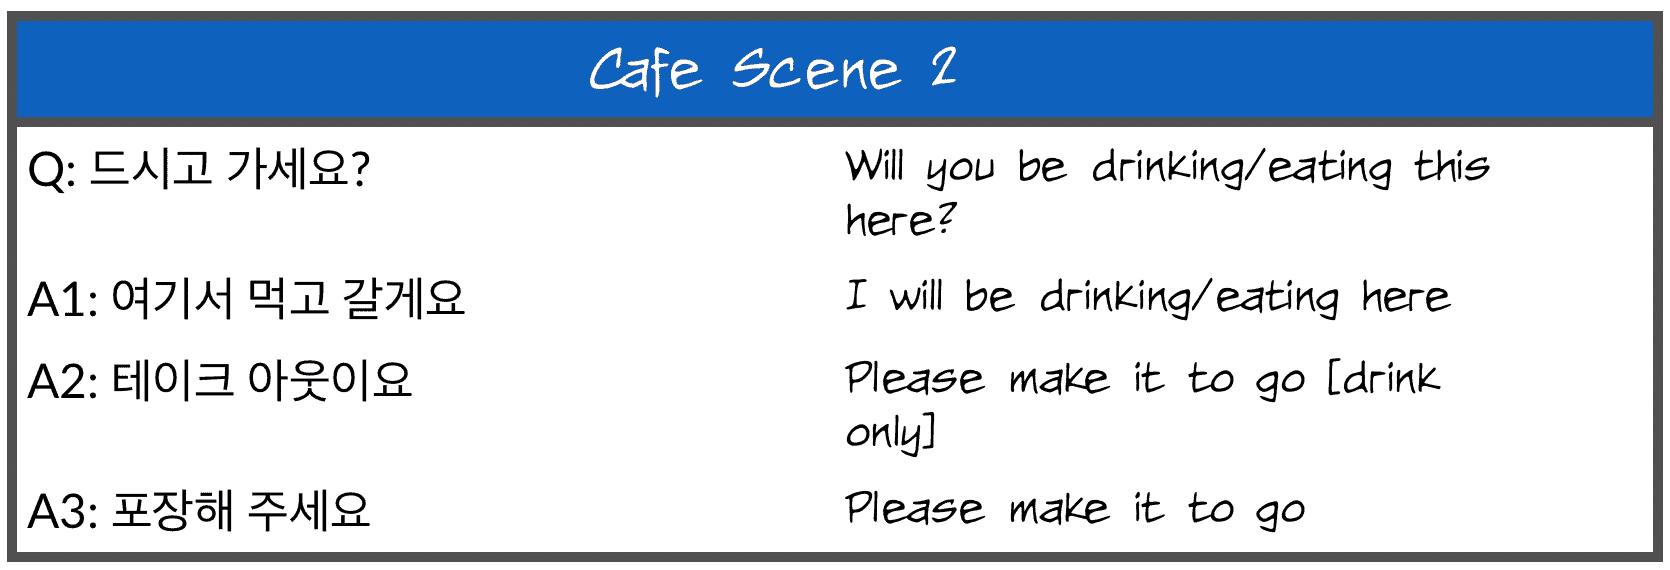 Scene02